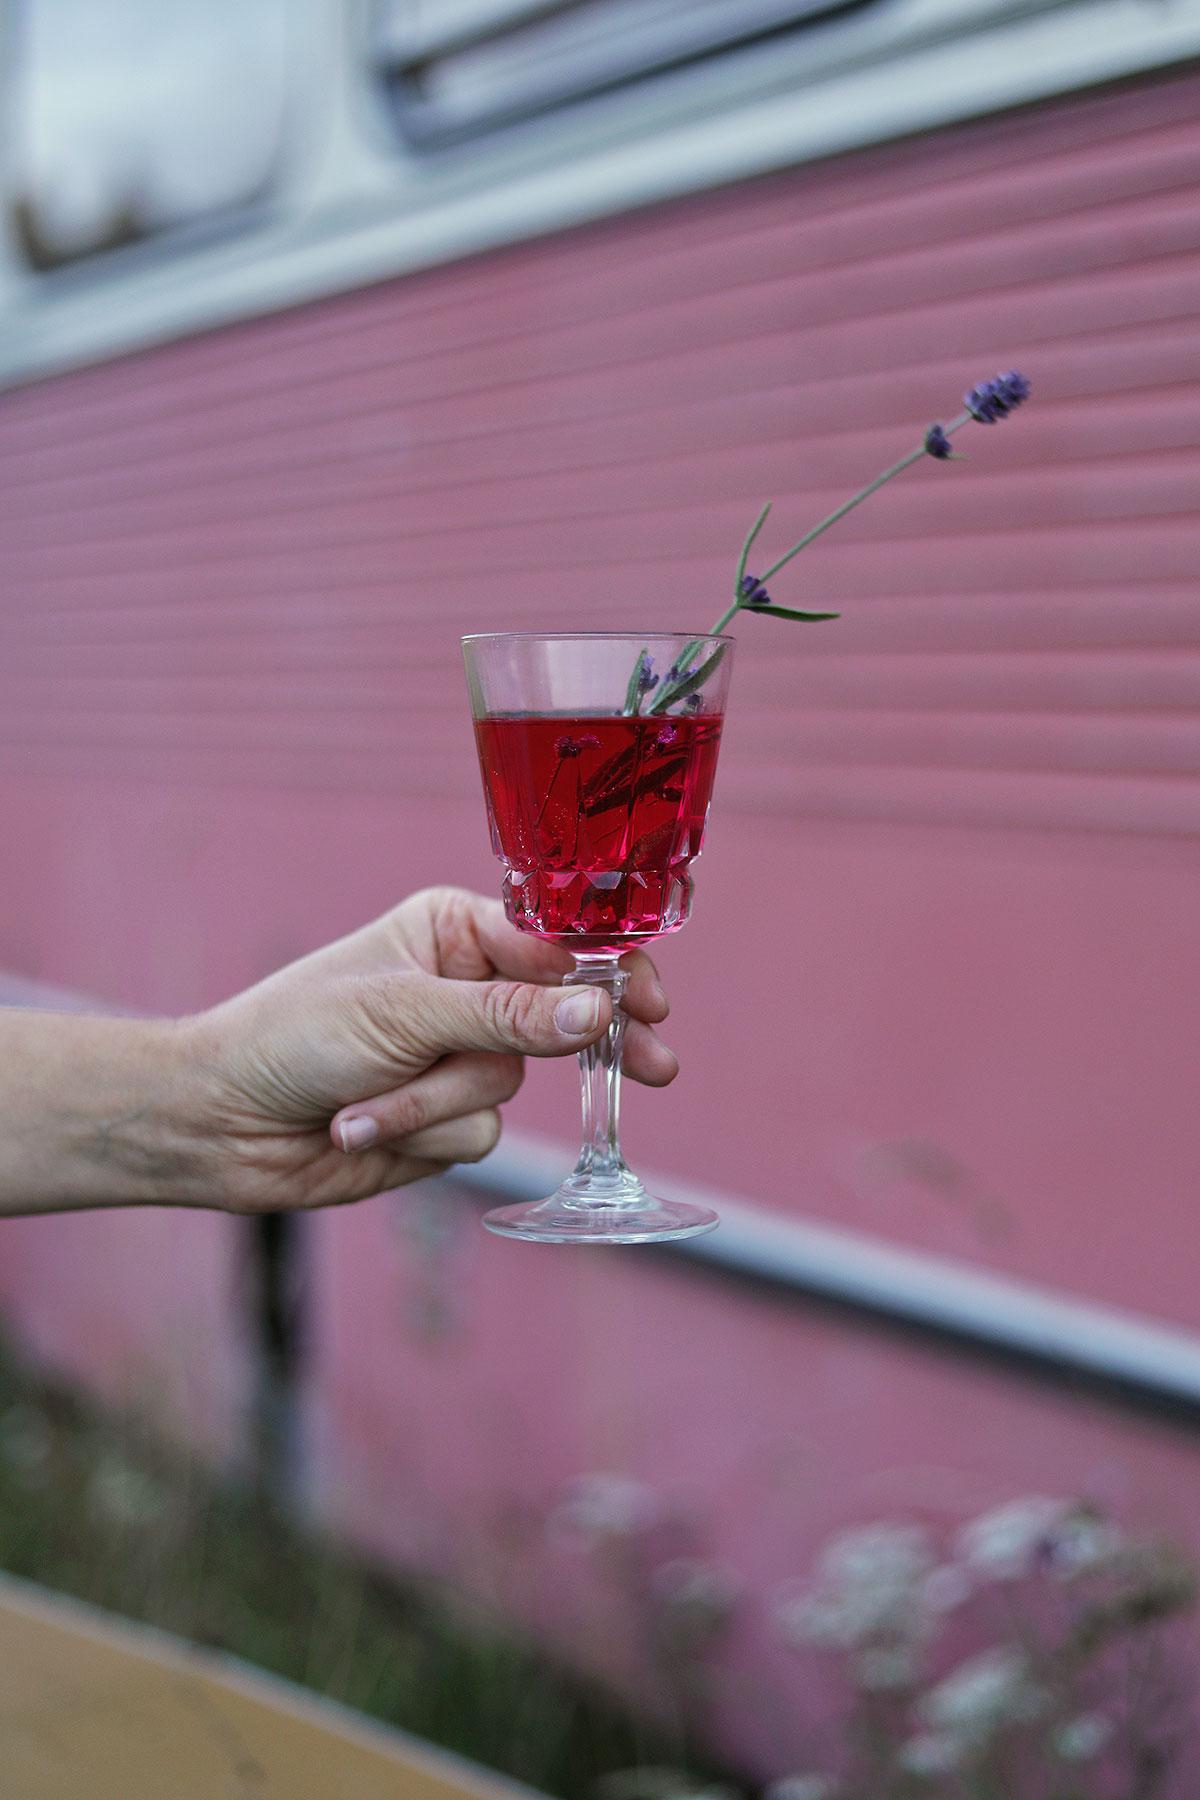 ekobryggeriet soda drink drinkar sommardrink sommardrinkar lavendel rabarber granskott tonic sommar emmasundh.com